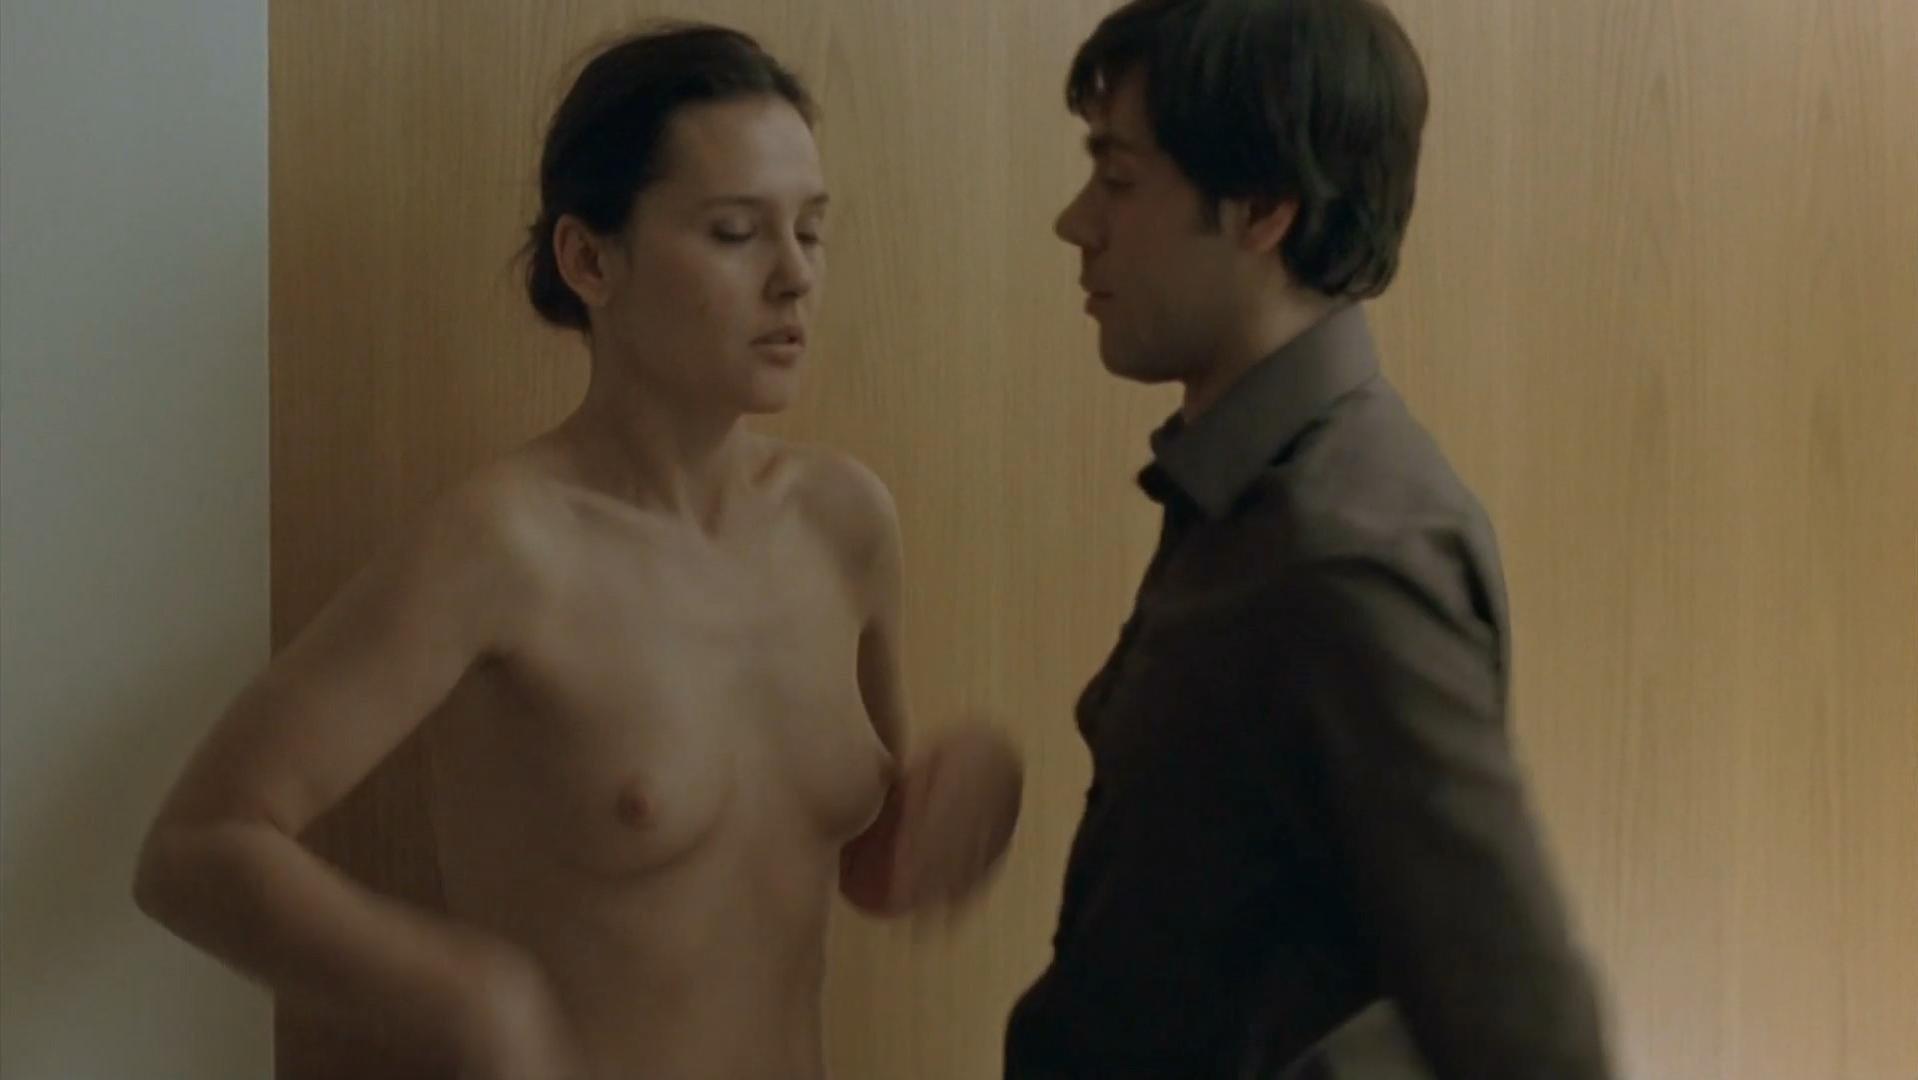 Ledoyen nude virginie